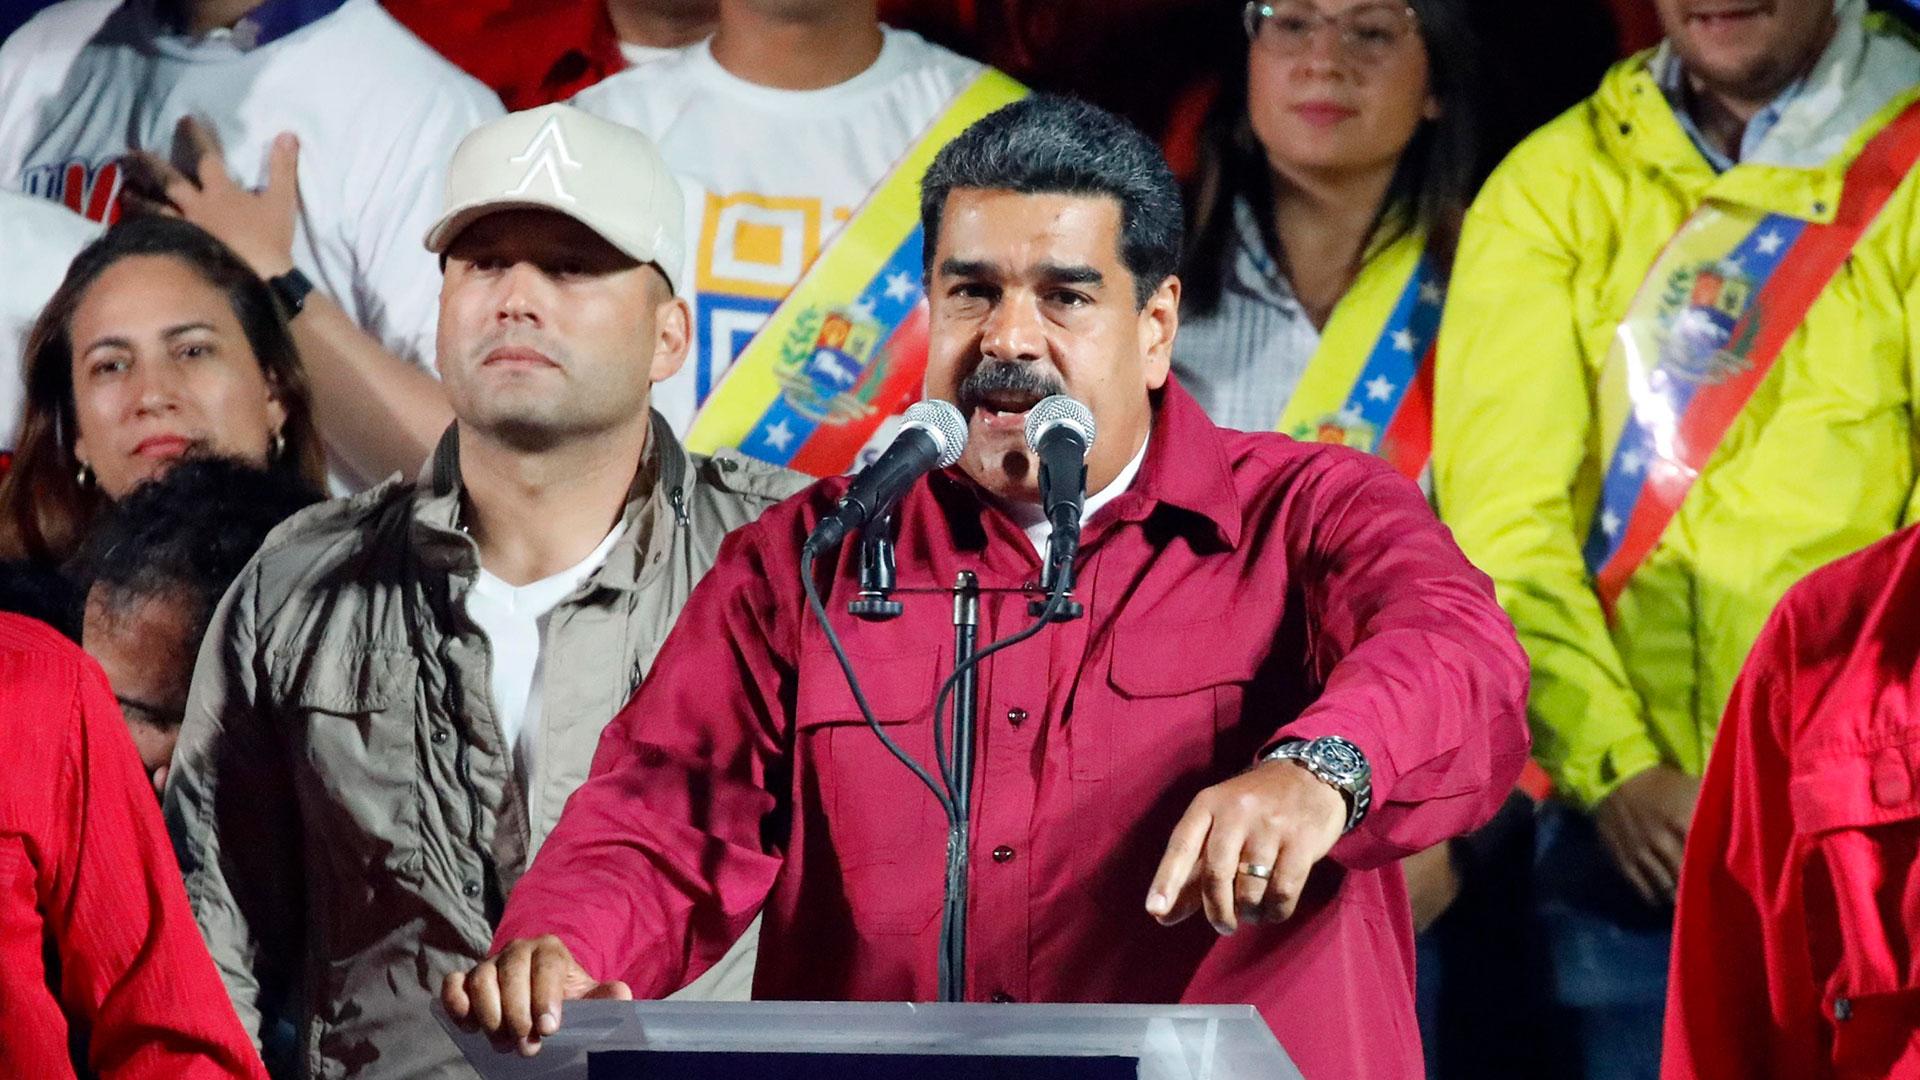 Tras la llegada de Nicolás Maduro al poder, el chavismo he perdido una enorme cantidad de votos, incluso de acuerdo a sus propias cifras (Reuters)